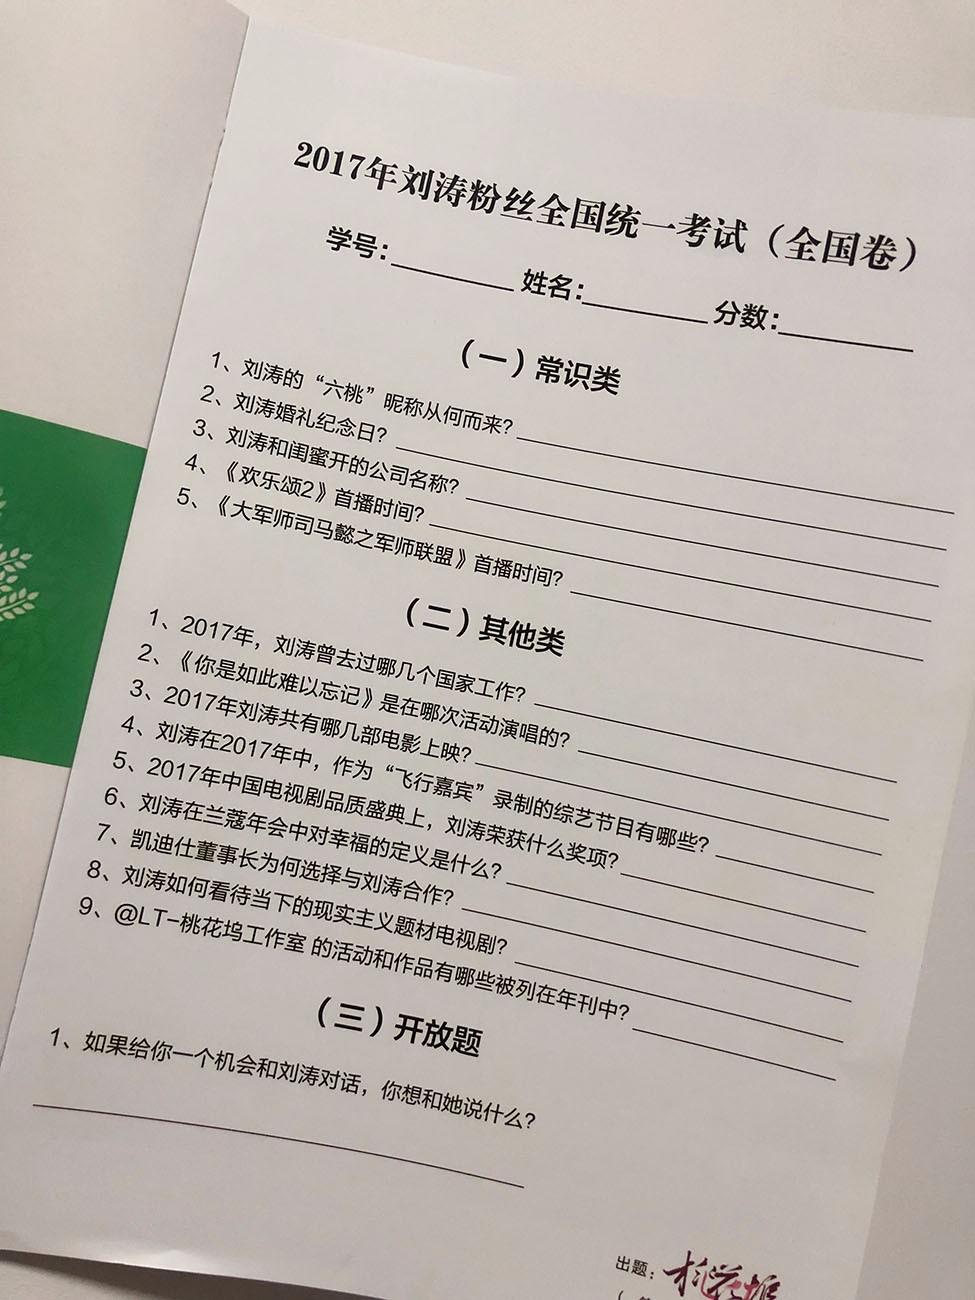 刘涛收到粉丝考试试卷 惊叹粉丝神操作